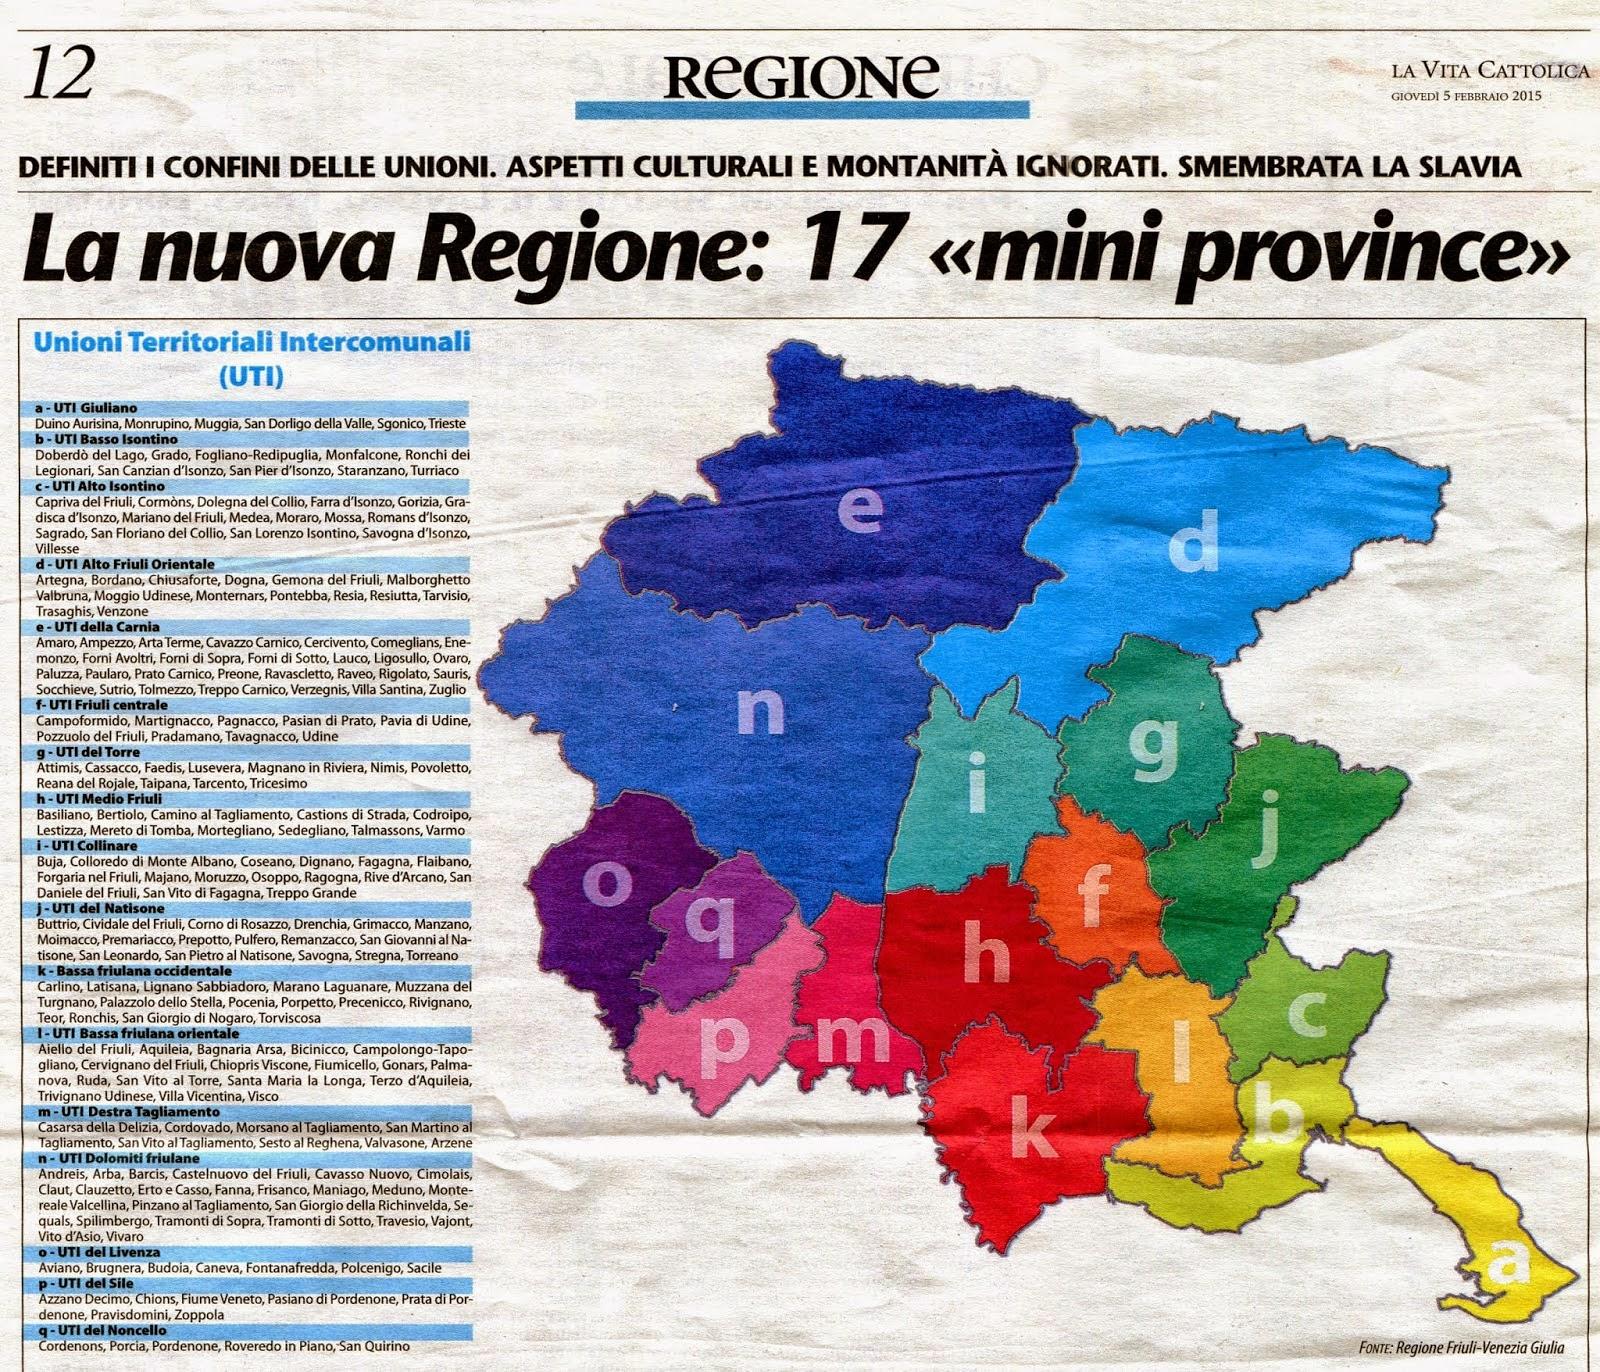 Regione Friuli Venezia Giulia Cartina.Vita Nuova Trieste Le Uti Della Regione Friuli Venezia Giulia Dopo Il Referendum Sono Un Bel Problemone Politico